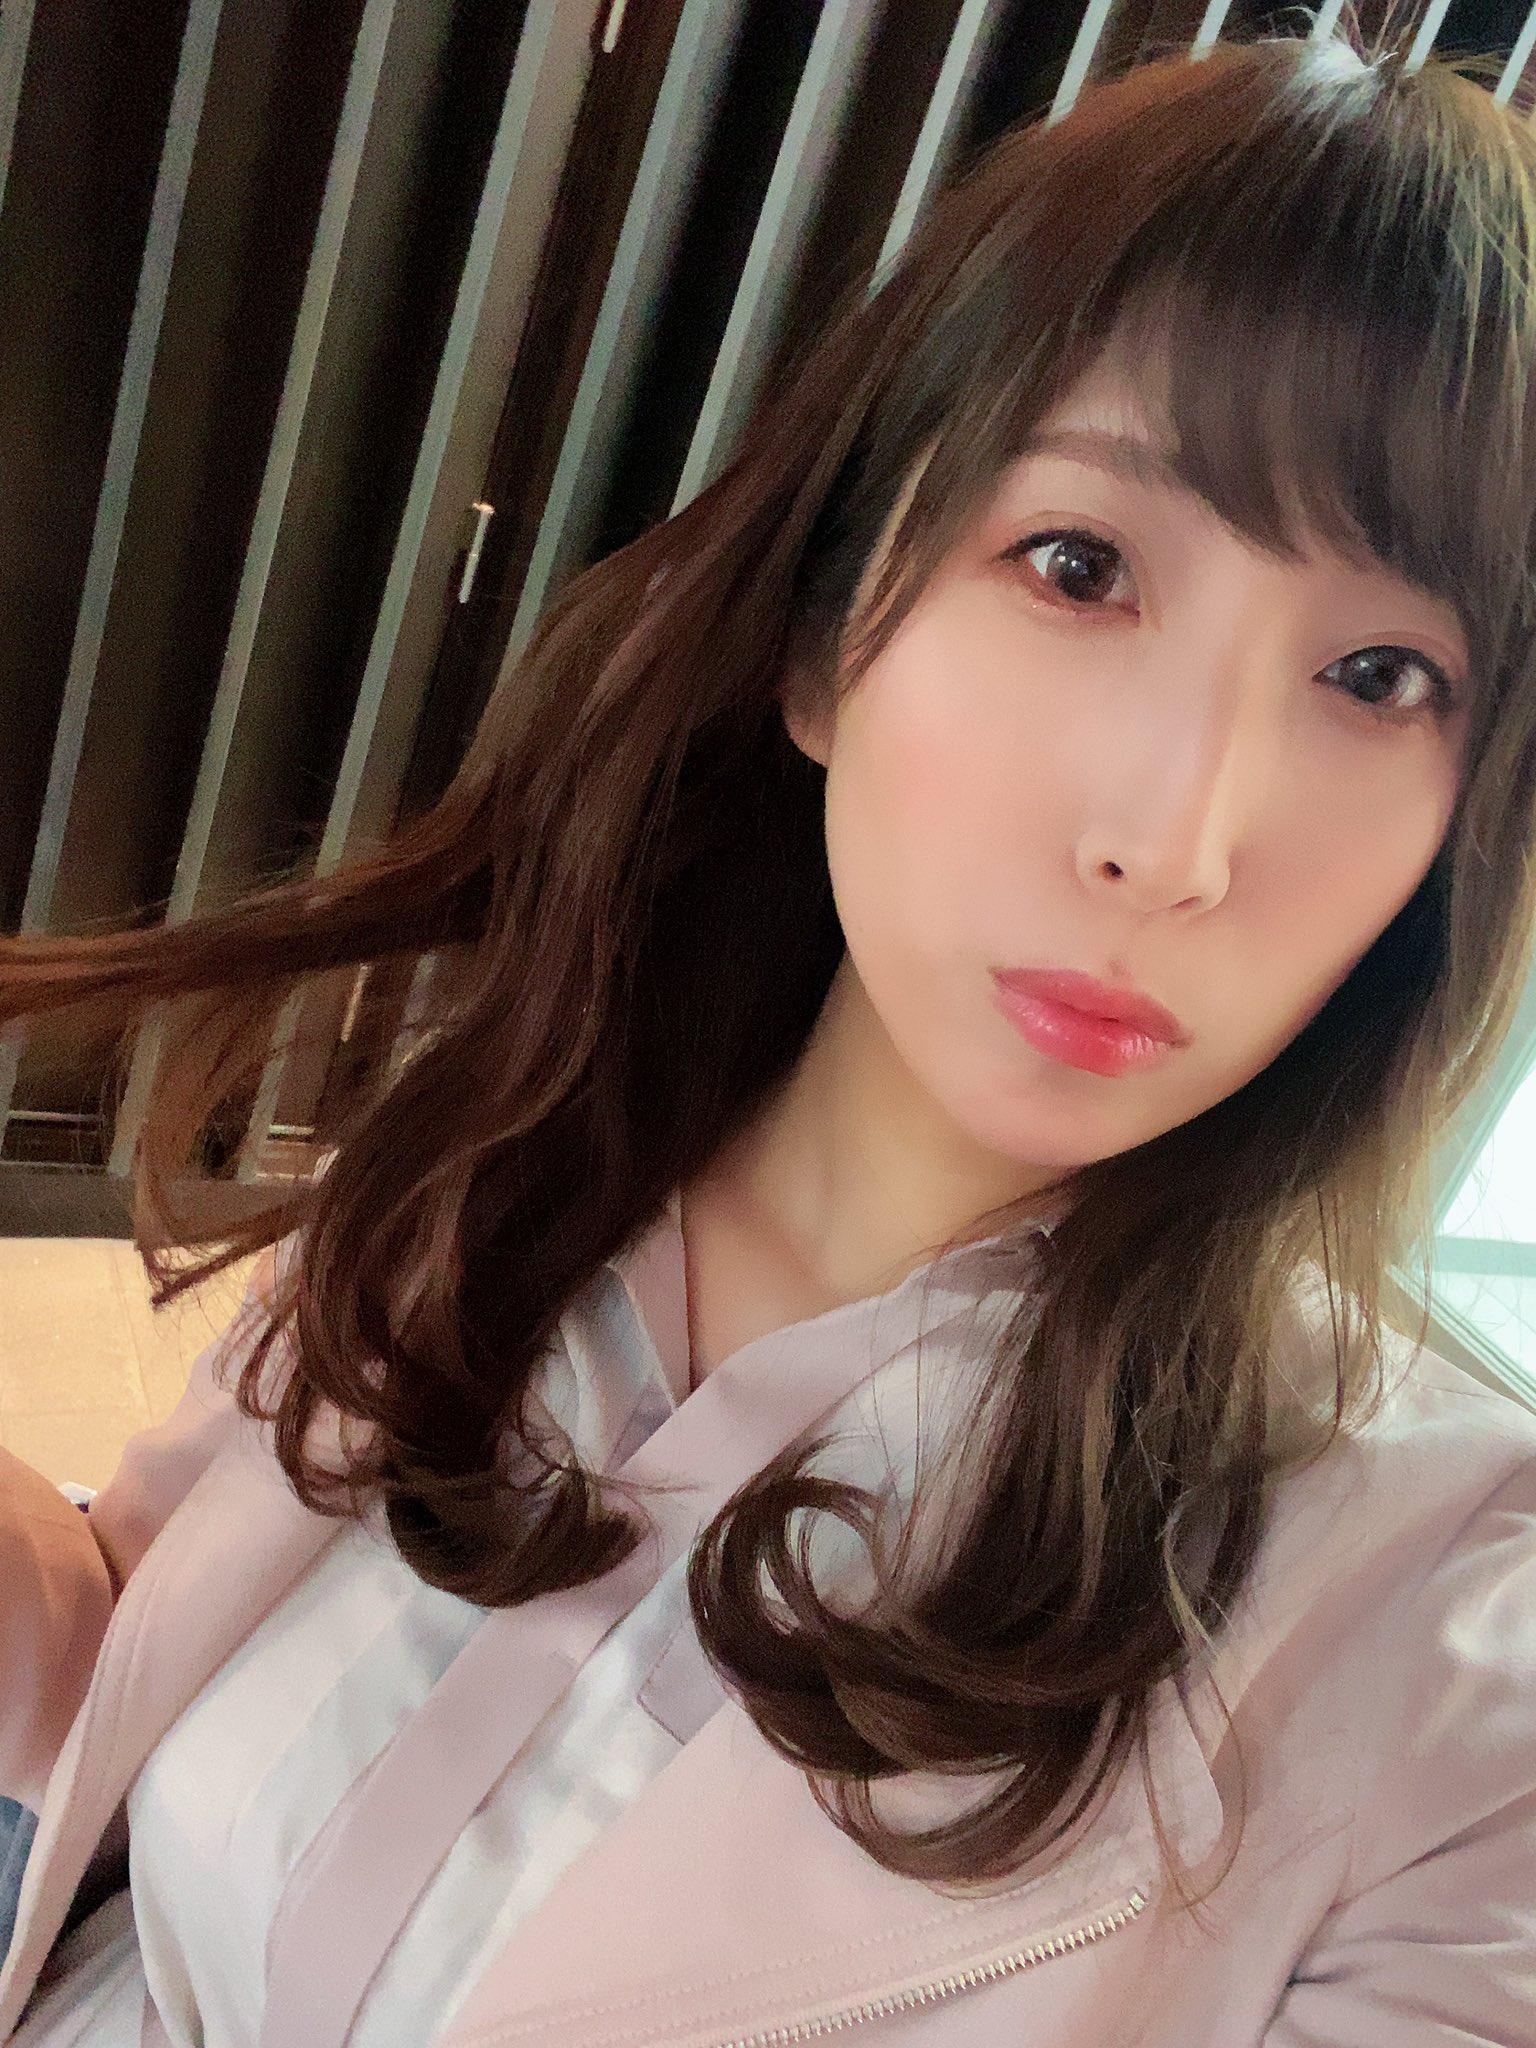 動画 人気 女優 エロ